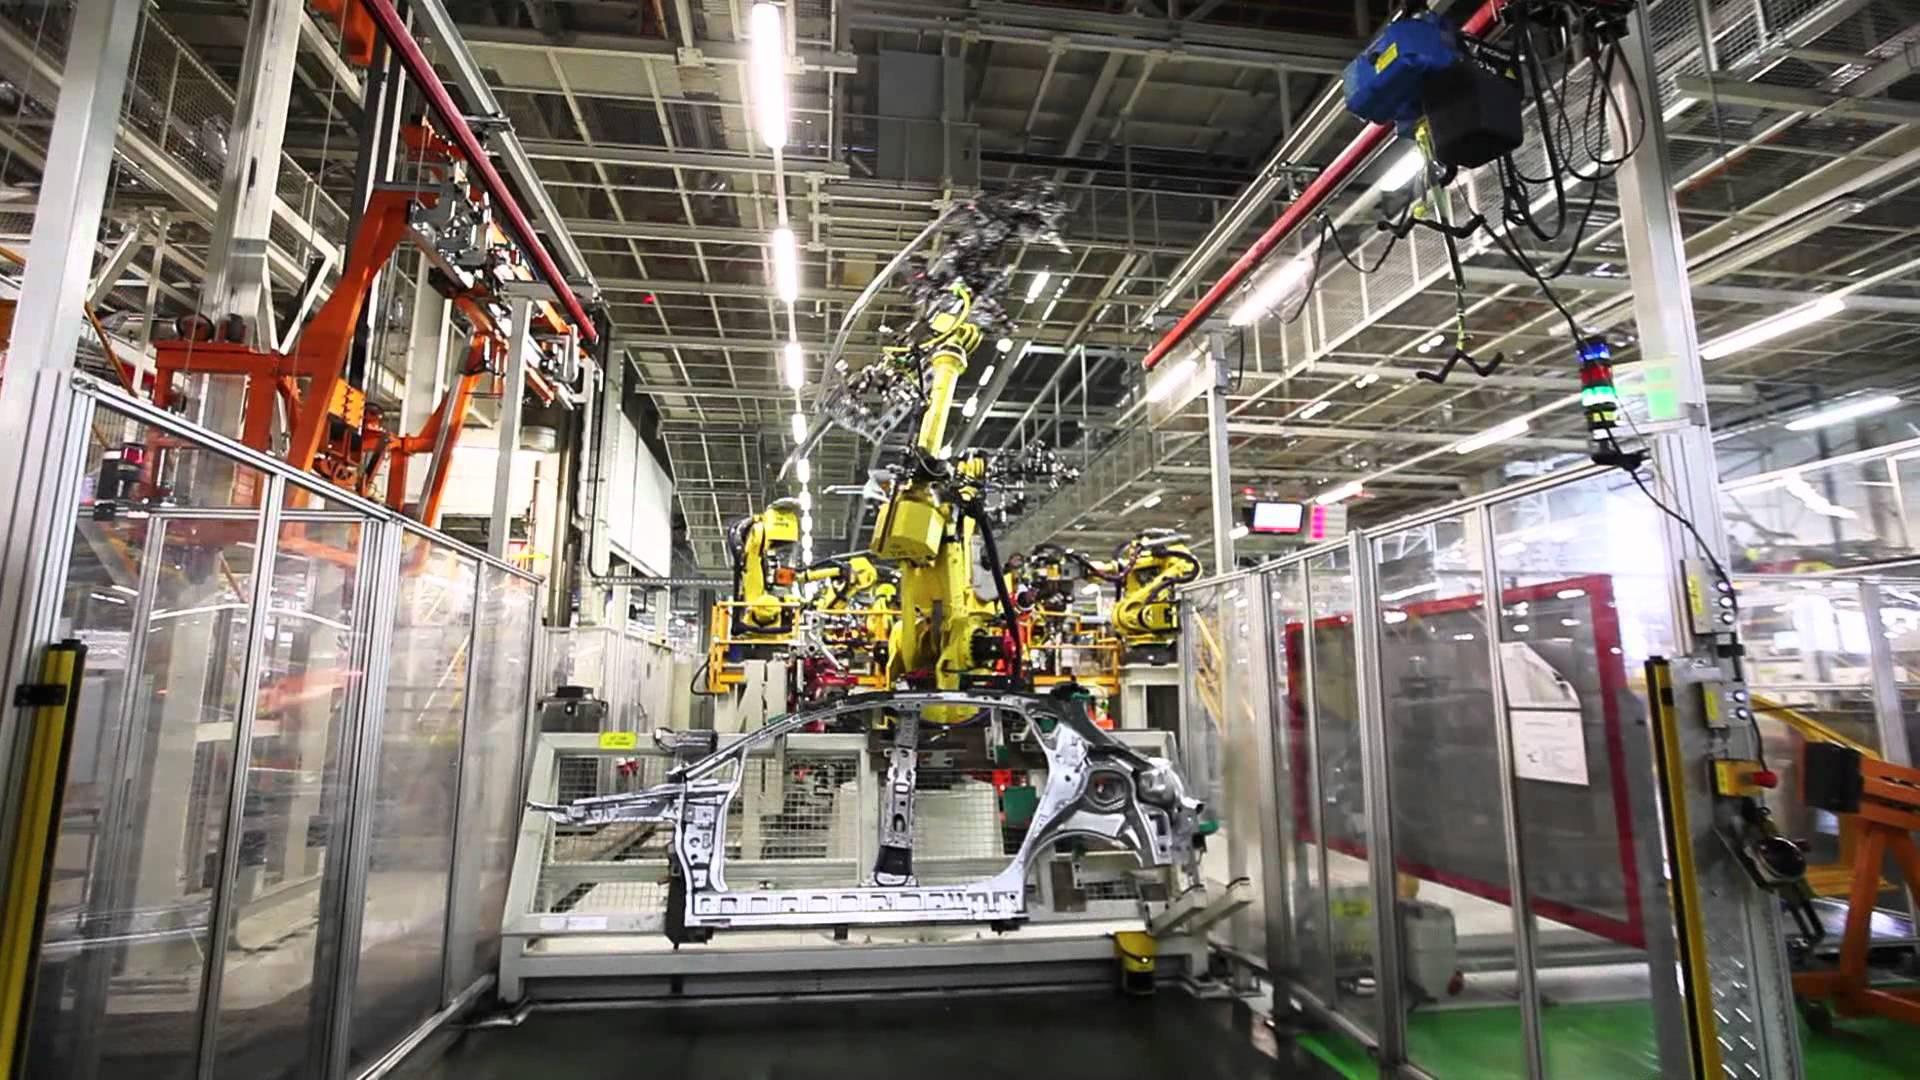 Allt fler bilfabriker satsar på LED lysrör